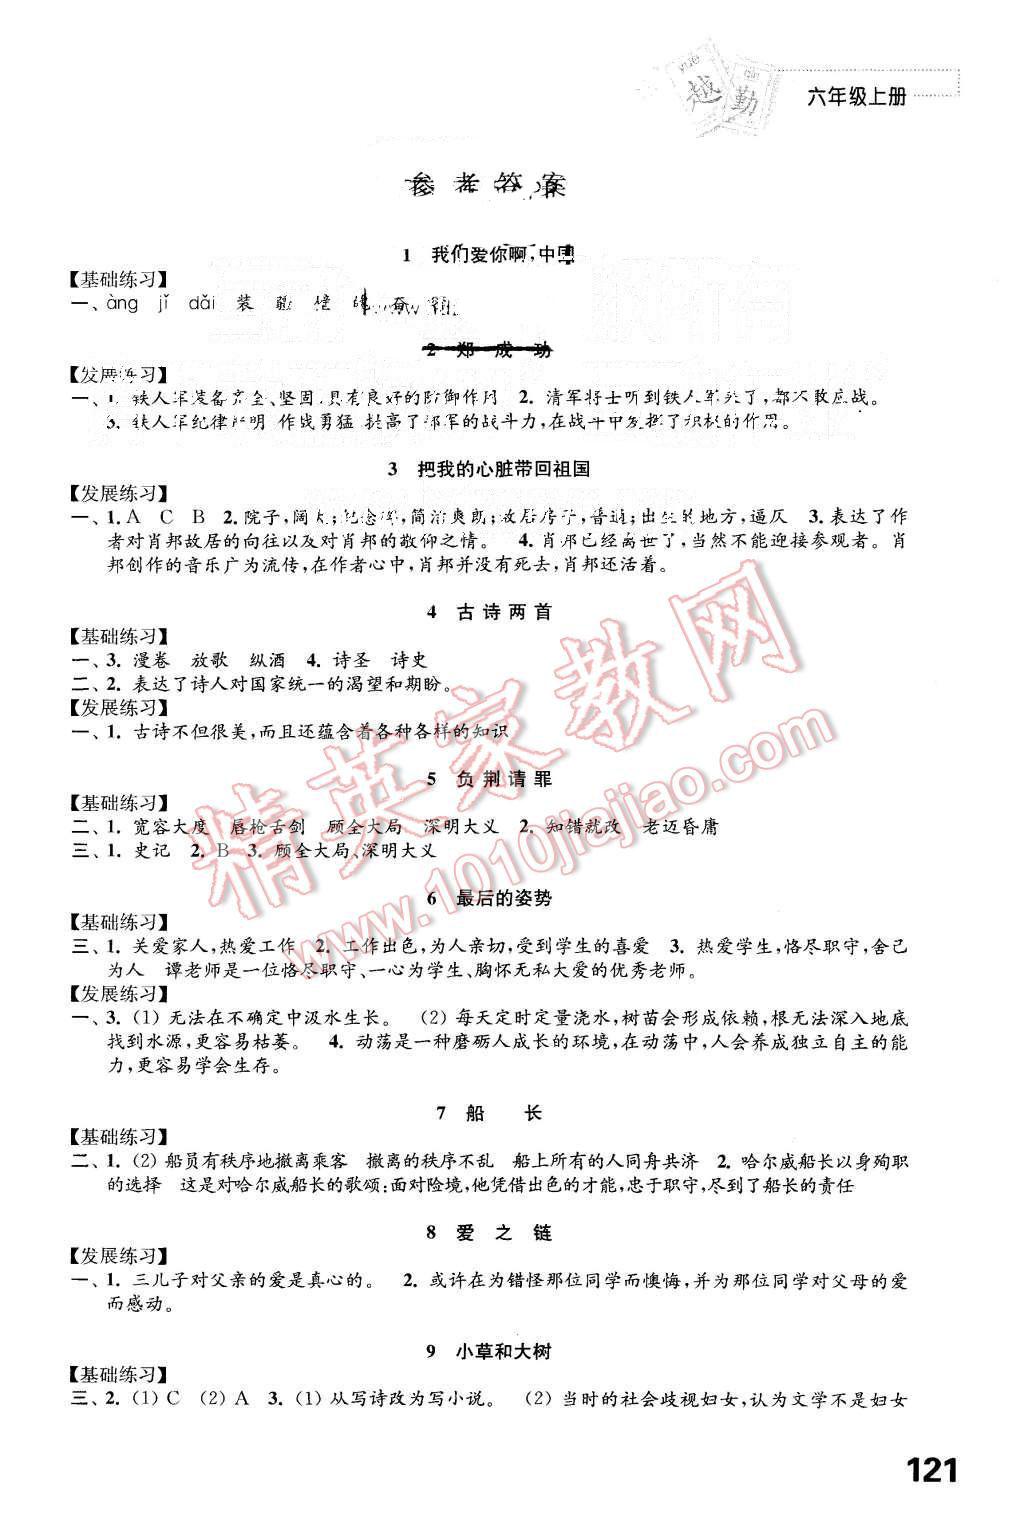 2015年练习与测试小学语文六年级上册苏教版第1页